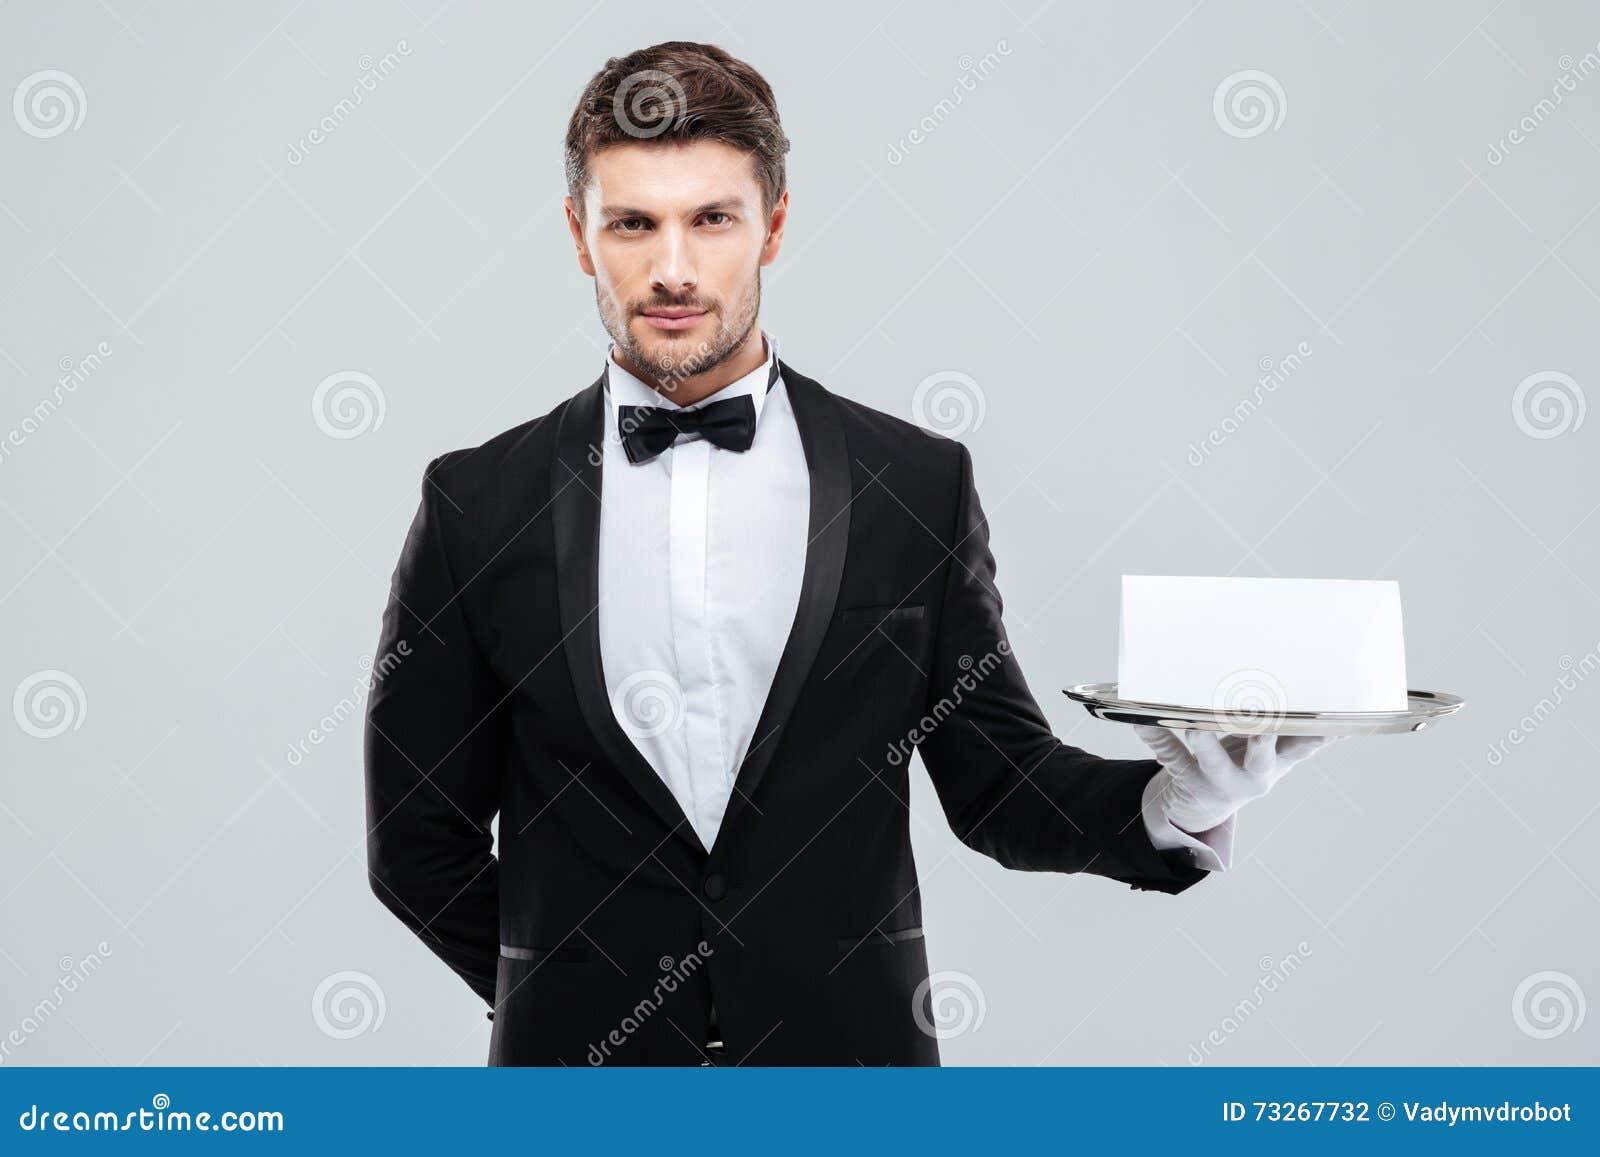 无尾礼服的拿着有空插件的男管家和手套盘子